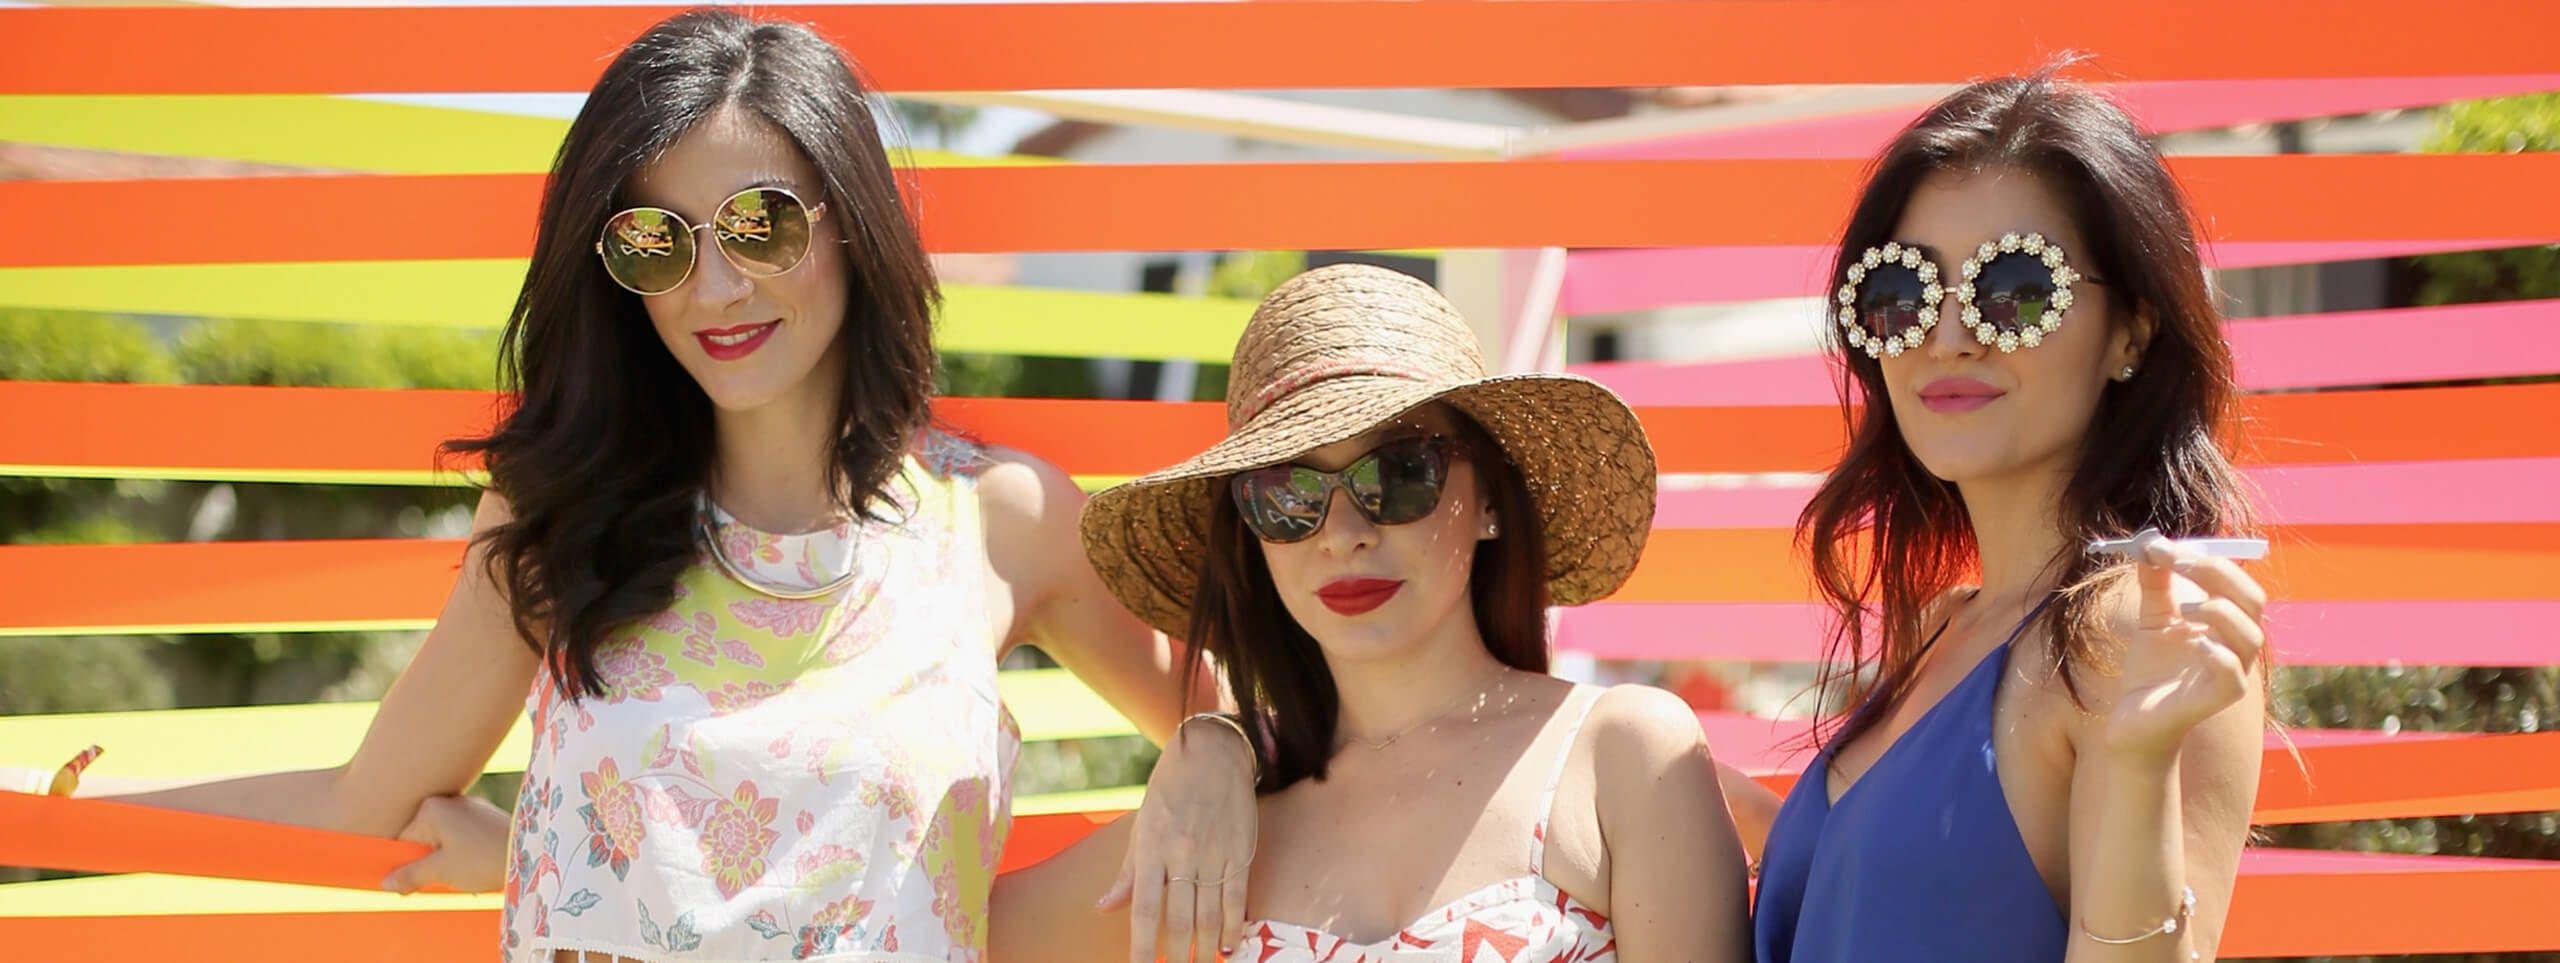 Chicas con gafas de sol y peinados para festivales